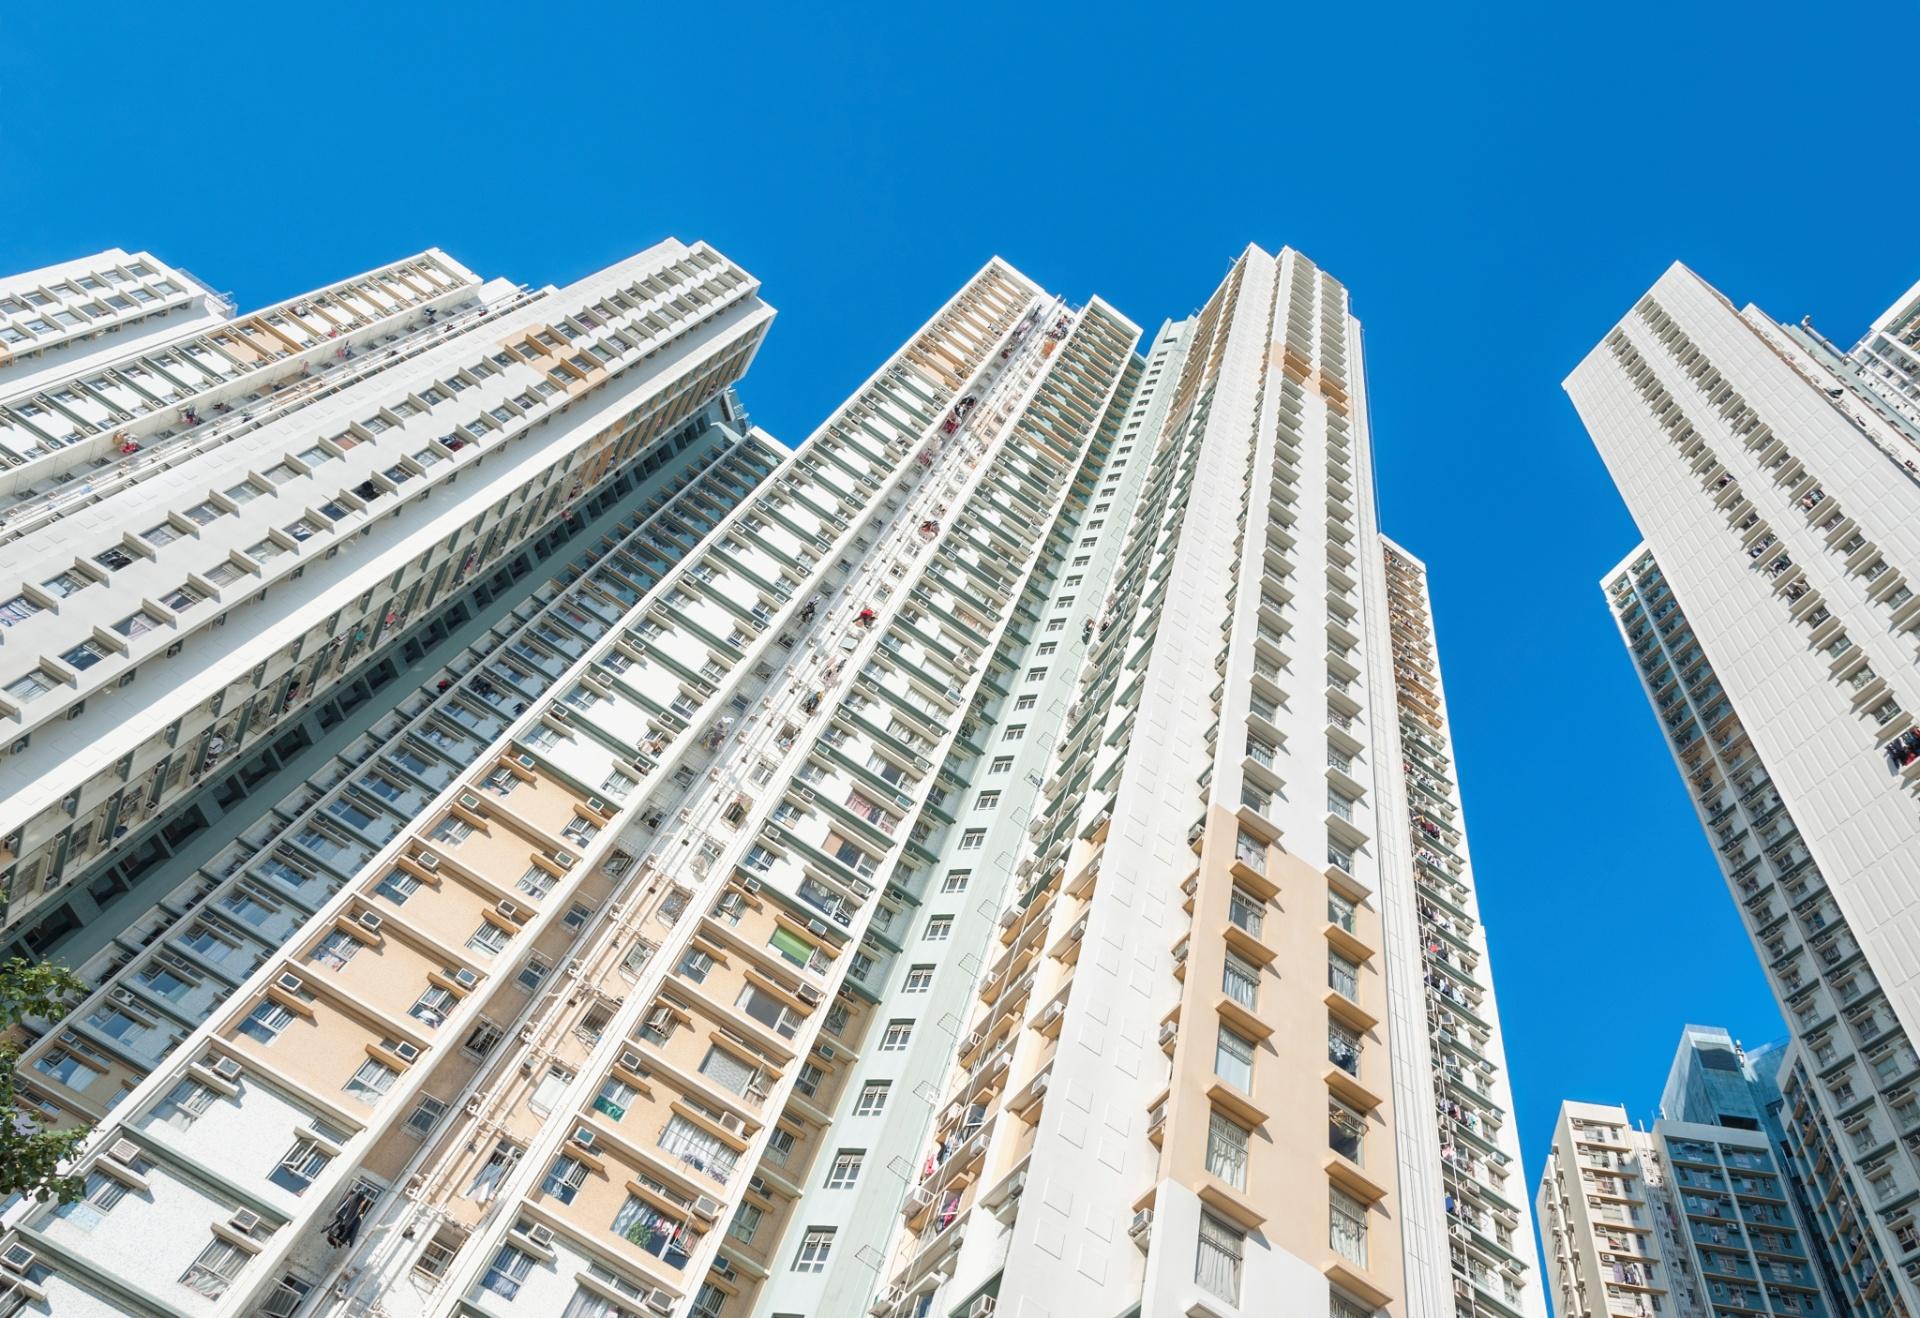 Síndico profissional cobra até R  7.000 para administrar condomínios -  22 01 2017 - UOL Economia 50134bb530